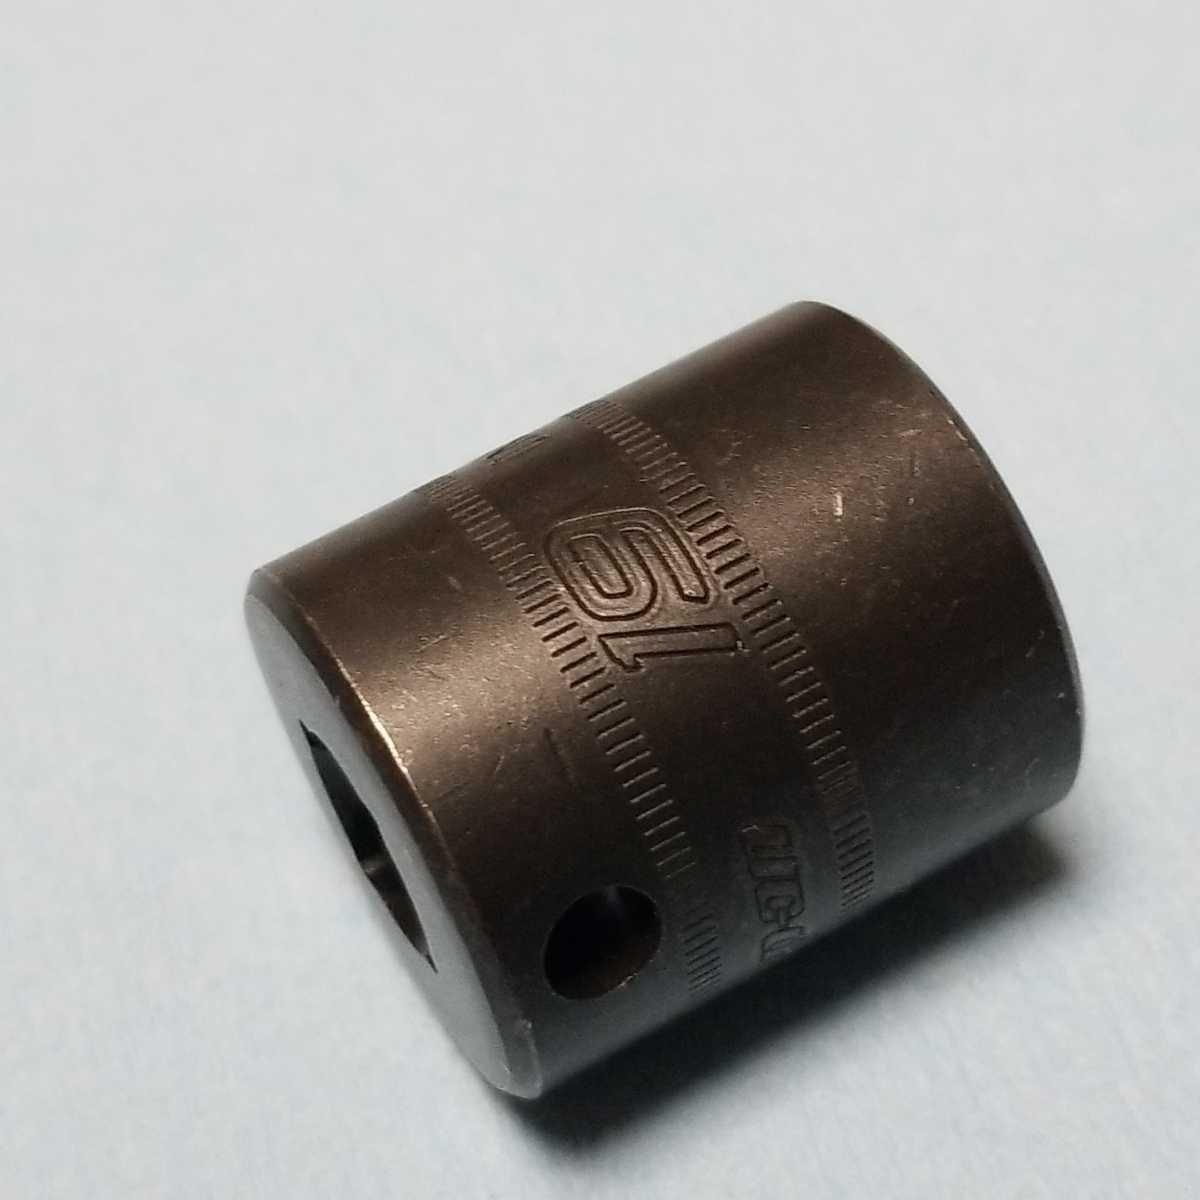 未使用 19mm 3/8 インパクト ソケット (6角) スナップオン IMFM19 新品 保管品 SNAPON SNAP-ON インパクトソケット シャロー Snap-on_画像4